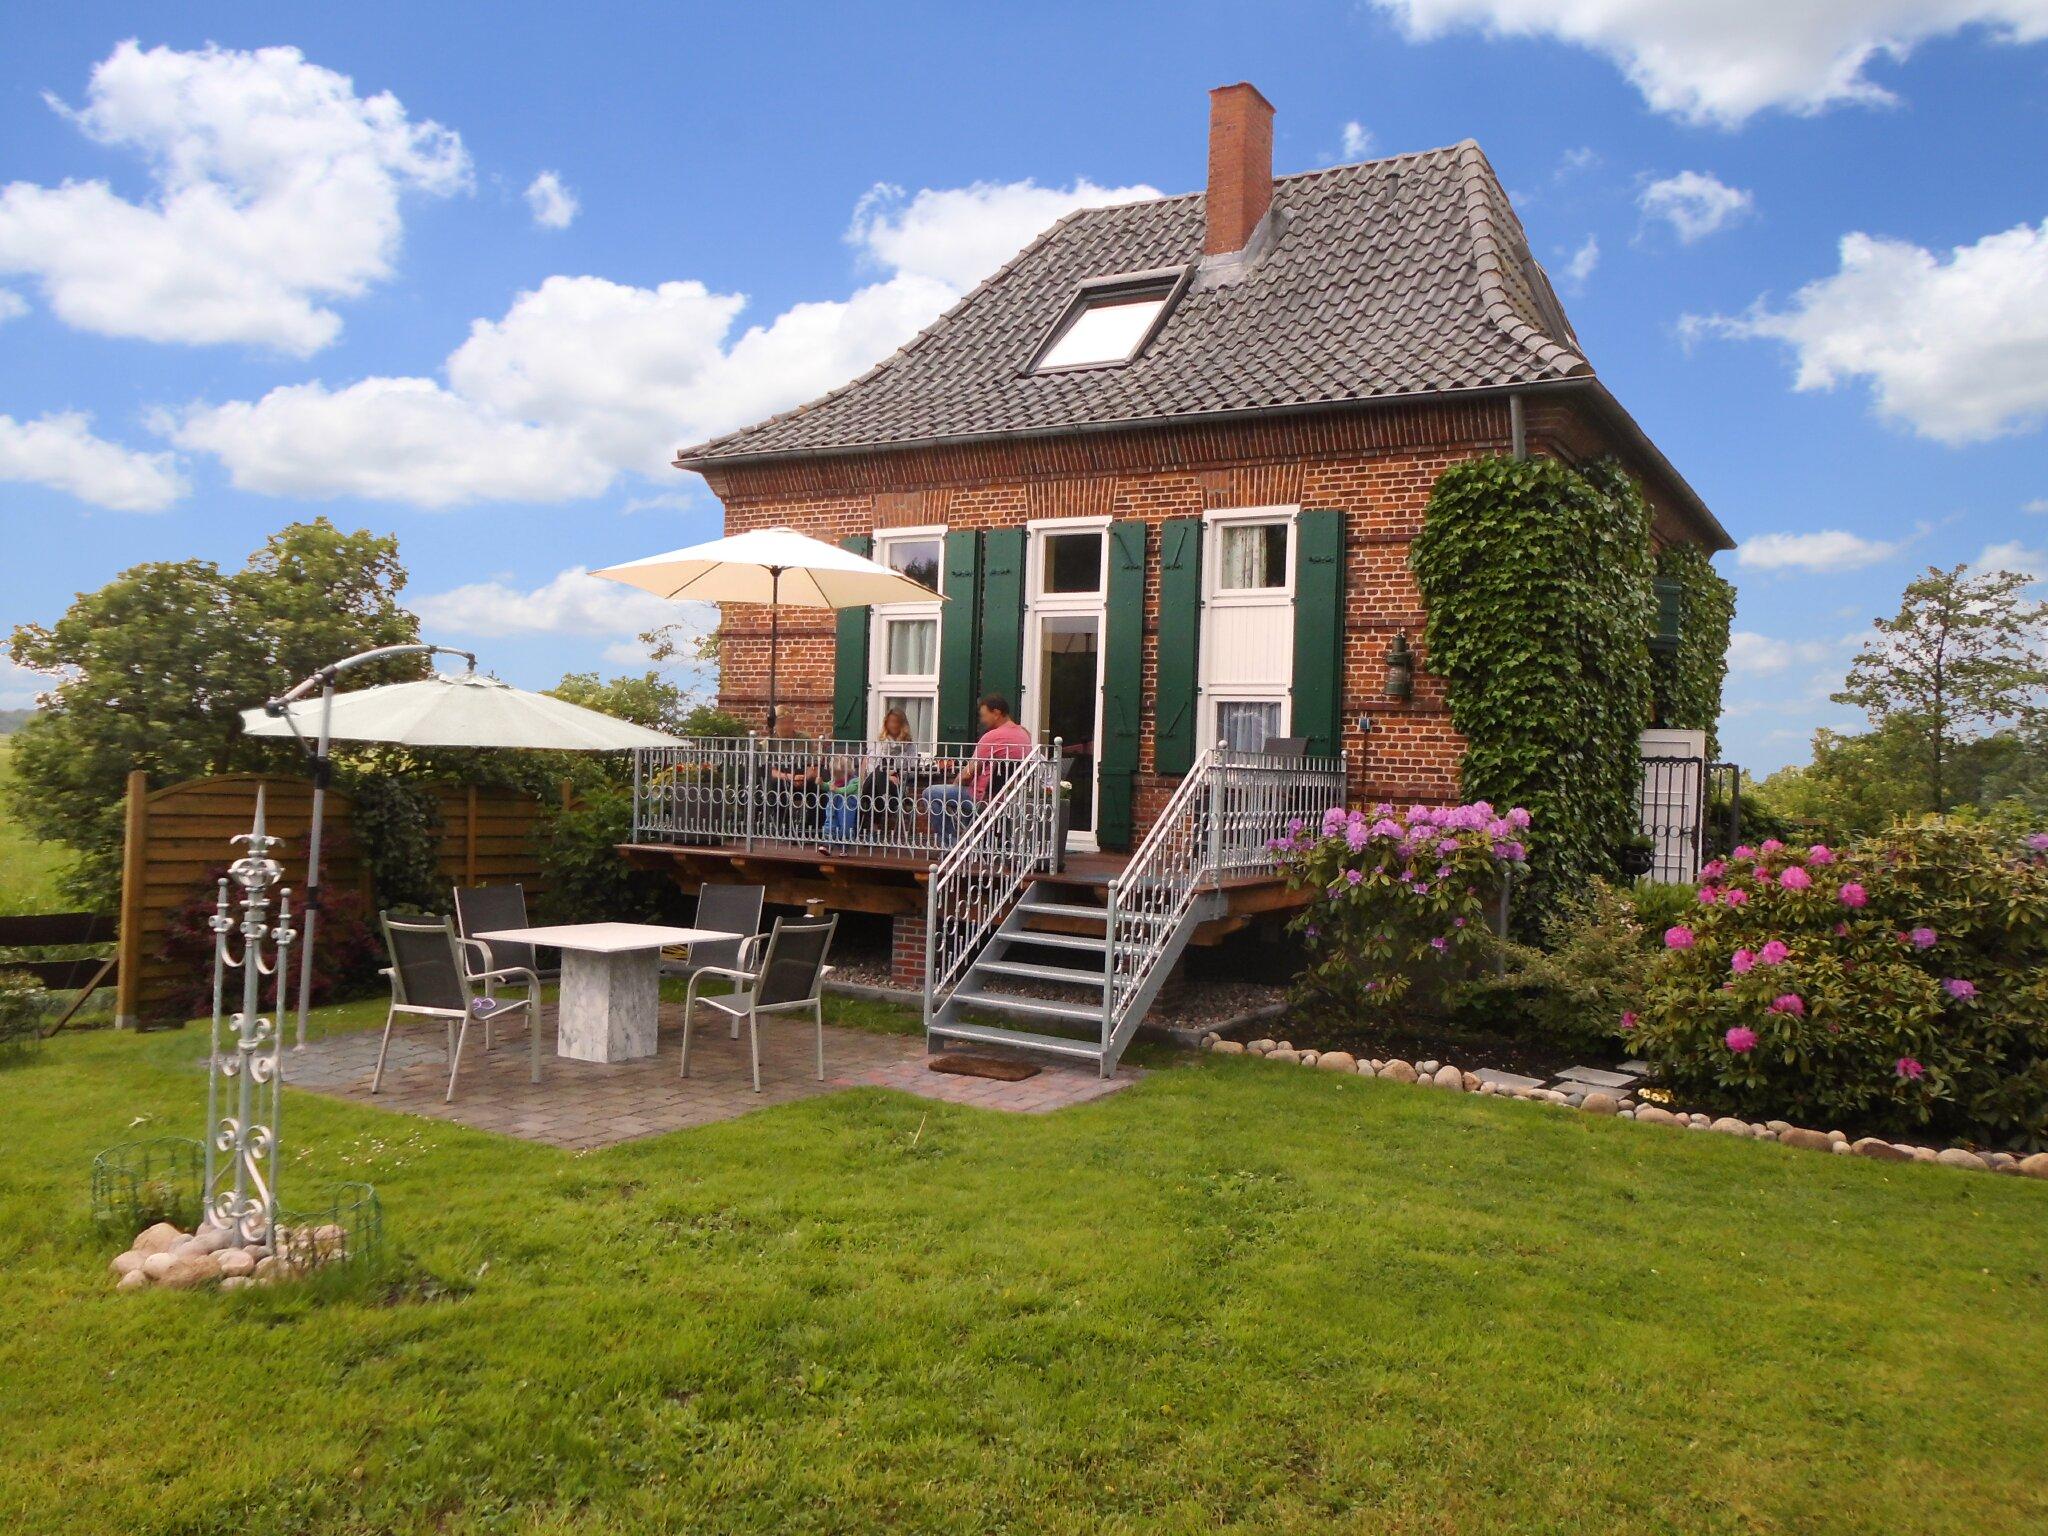 ferienhaus 39 pumpe an der eider 39 in dellstedt schleswig. Black Bedroom Furniture Sets. Home Design Ideas